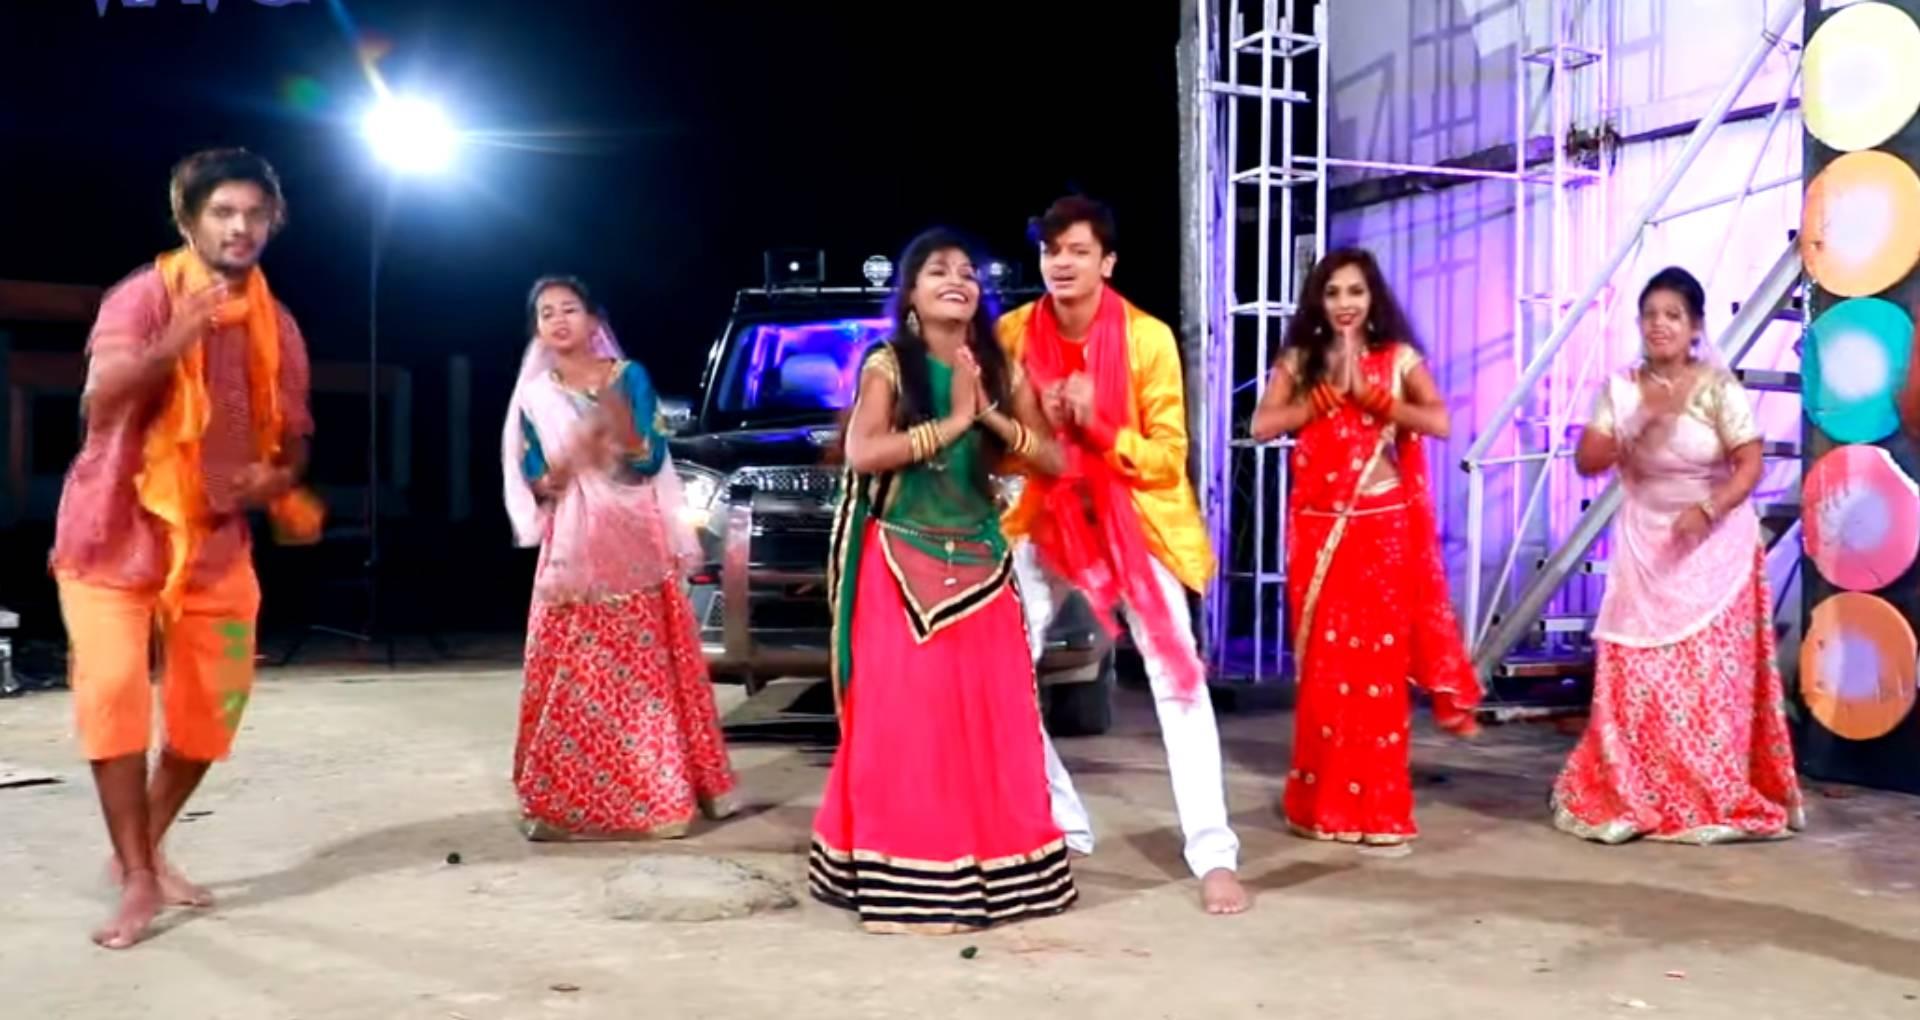 Bhouji Nachatari Devghar Me Song: भोले बाबा की भक्ति में ऐसे डूबी शिव कुमार की भाभी, देखिए ये नया बोल बम सॉन्ग